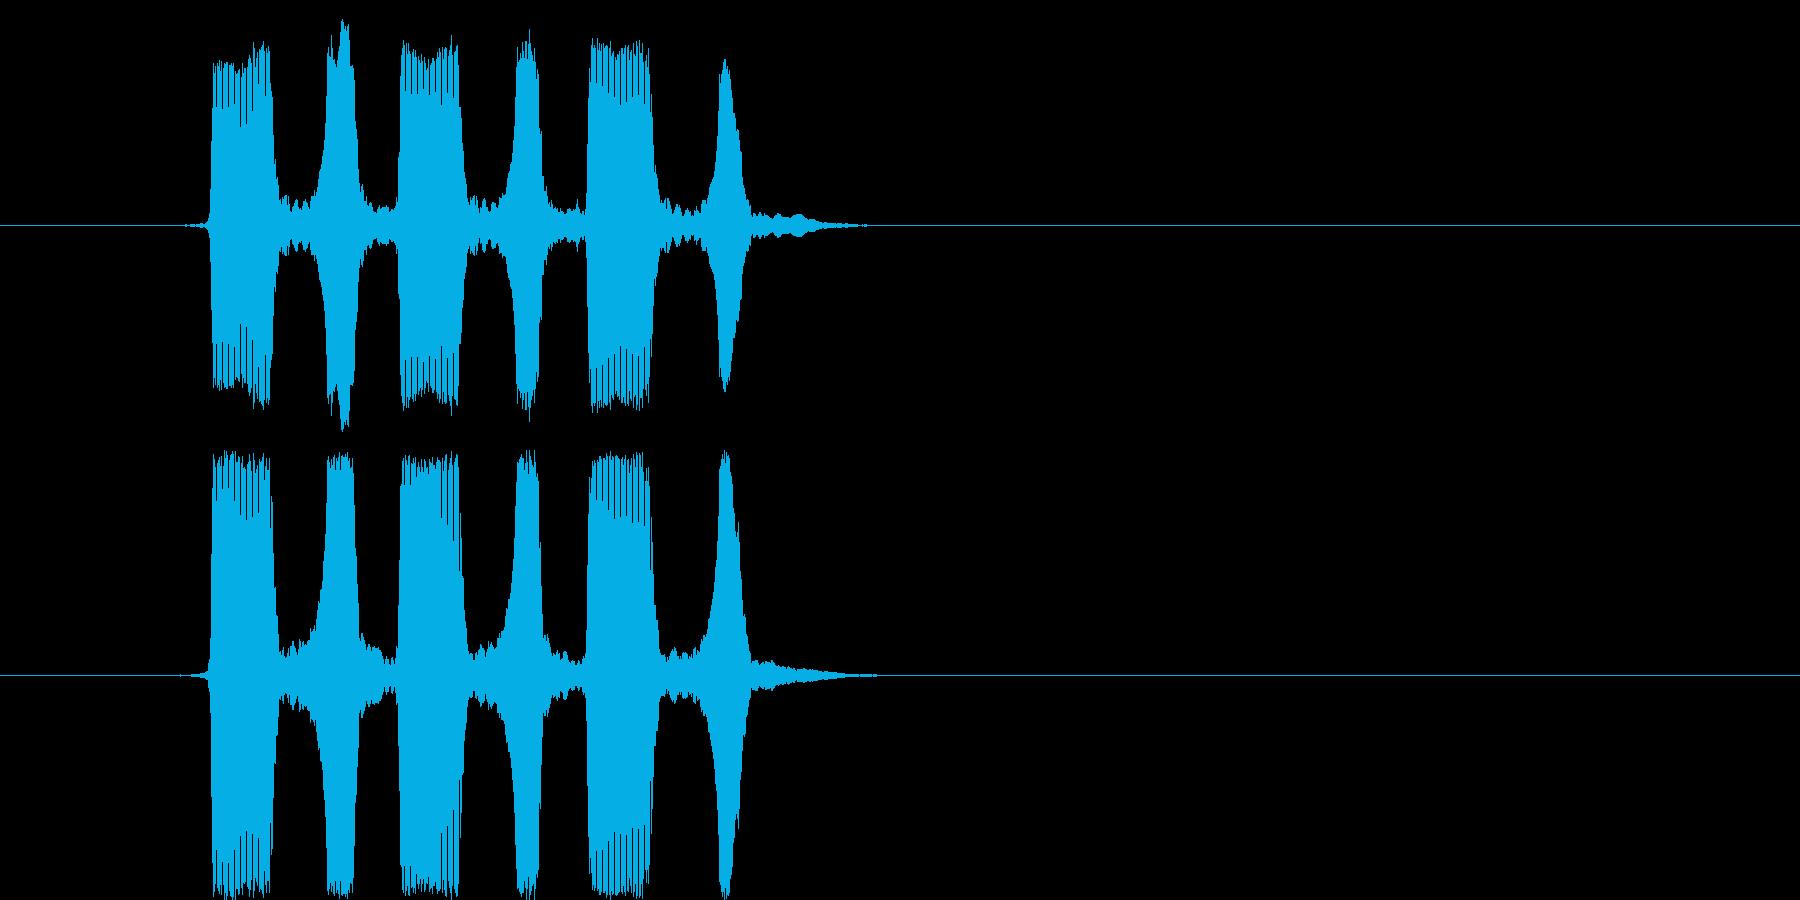 パフッパフッパフッ(生音3回)の再生済みの波形